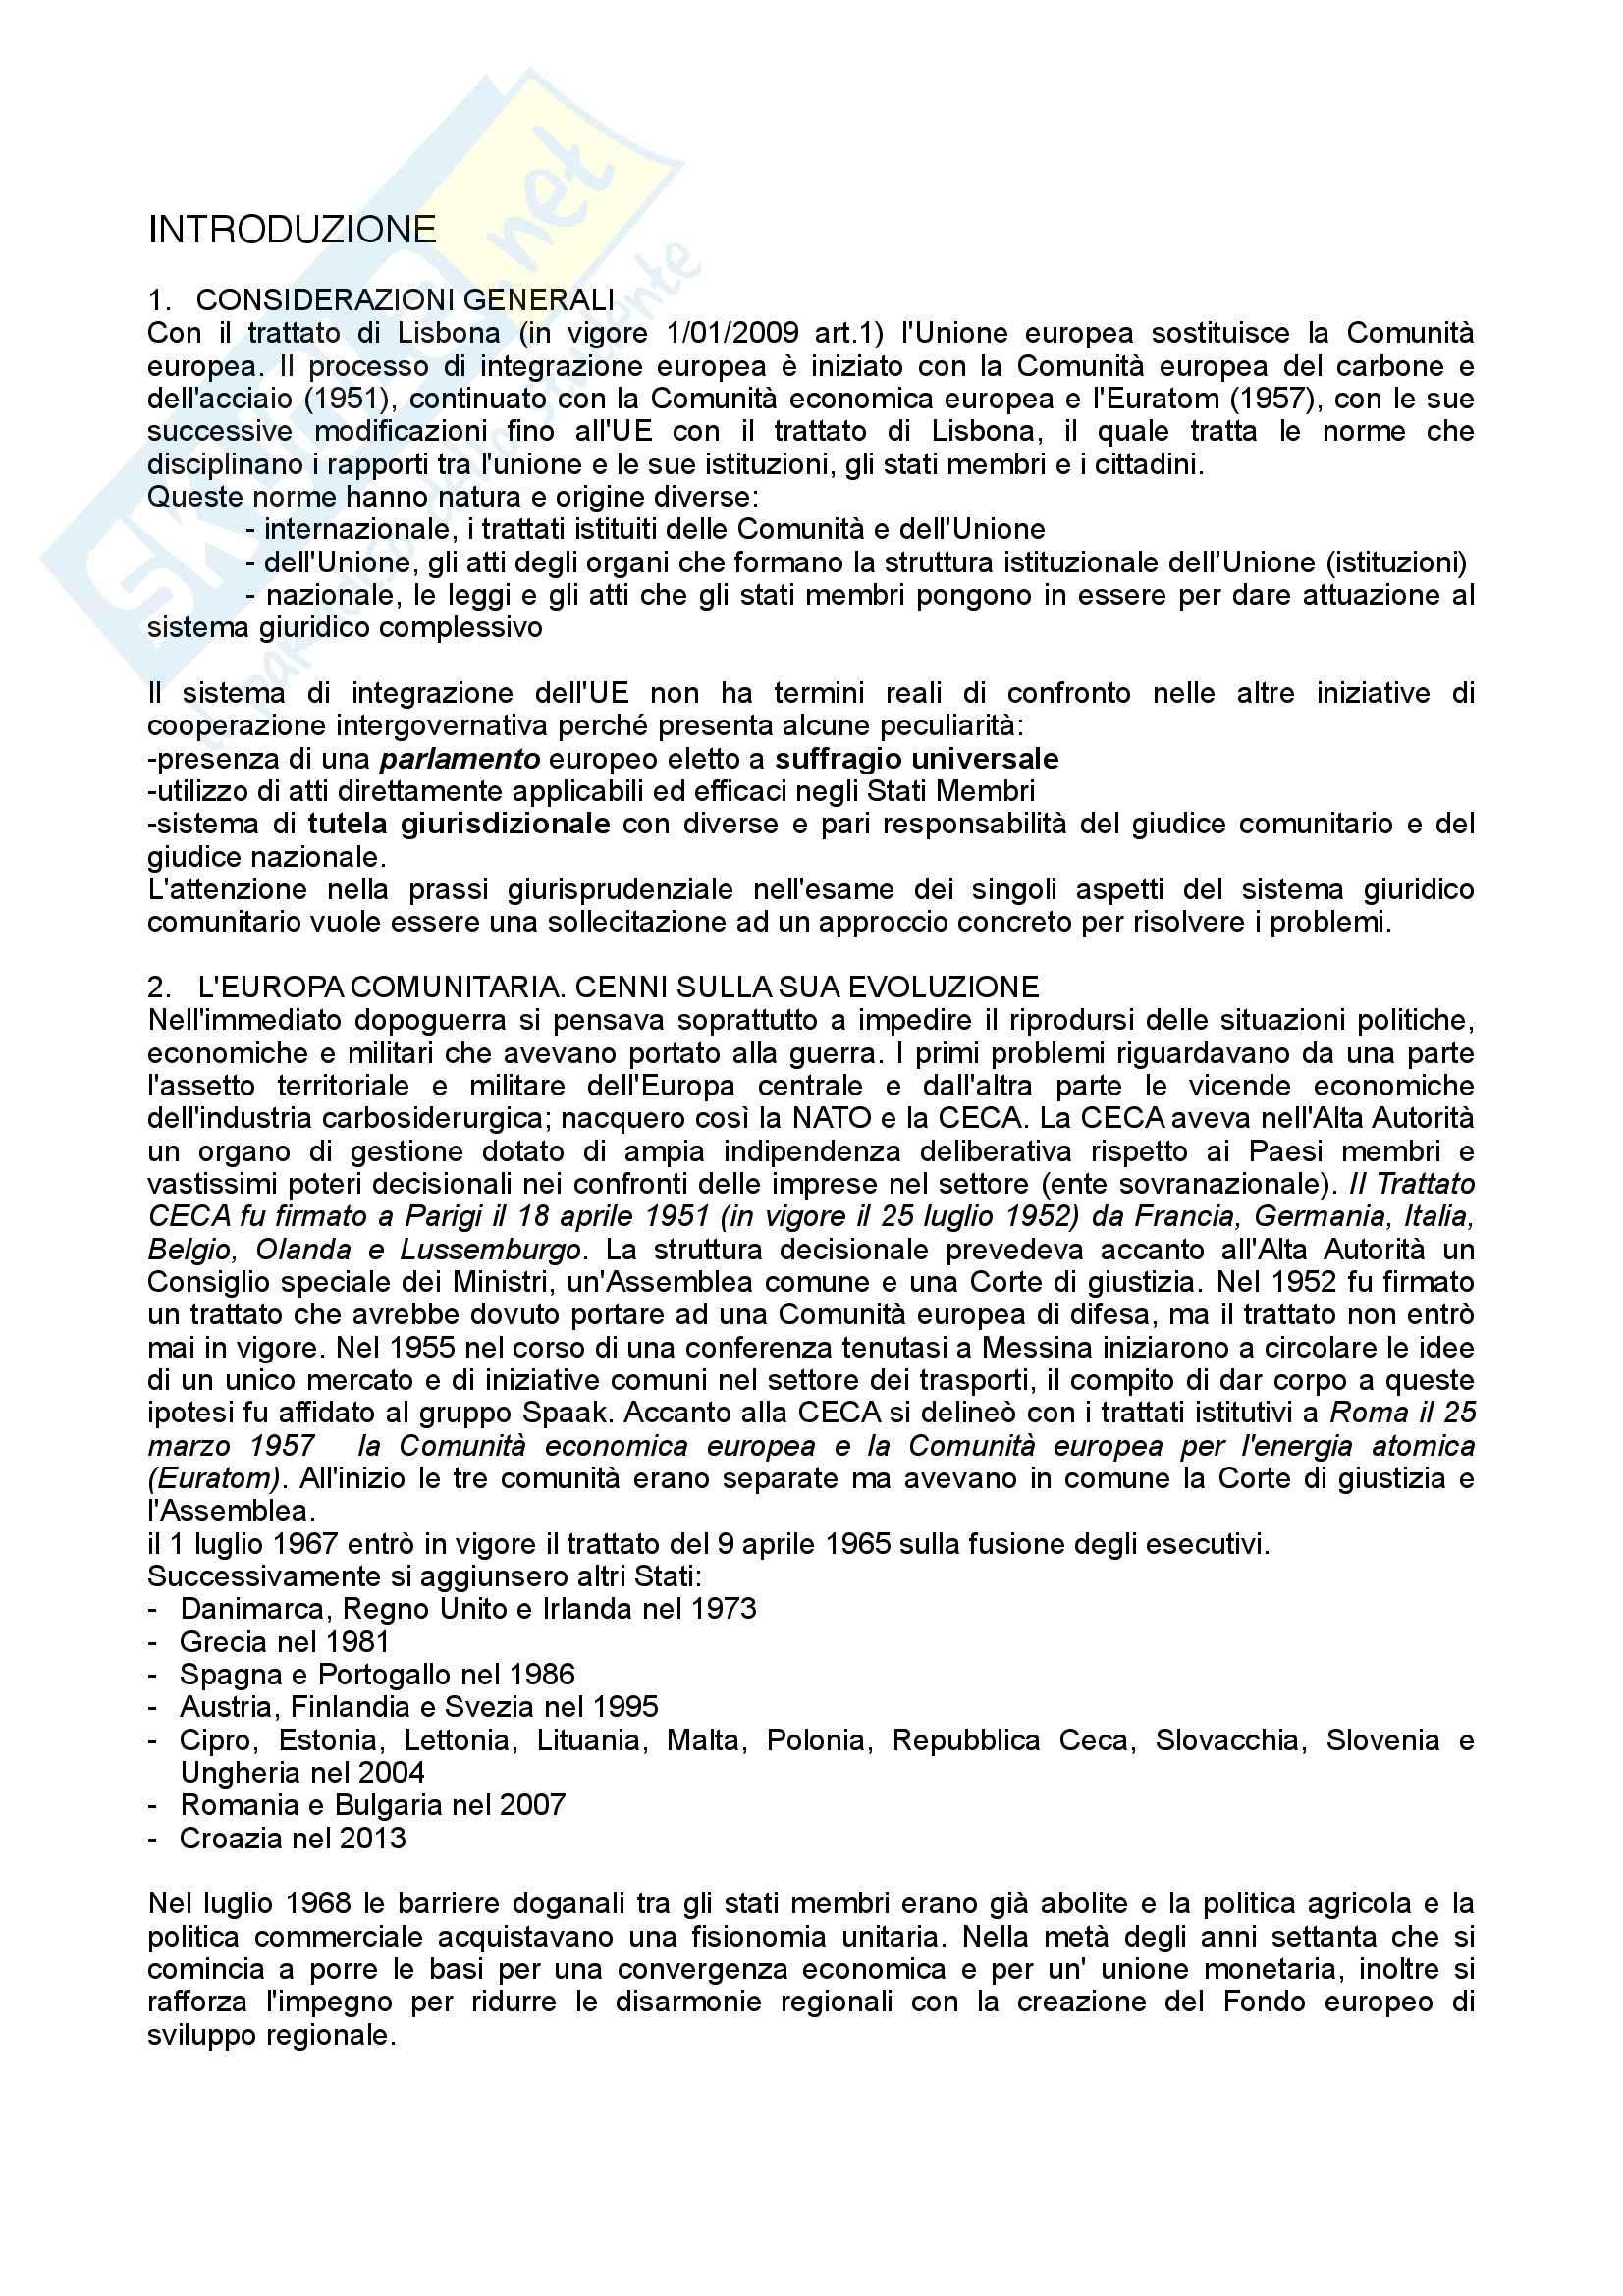 Riassunto esame Diritto, testo consigliato Diritto dell'Unione Europea, Tesauro: parte 3